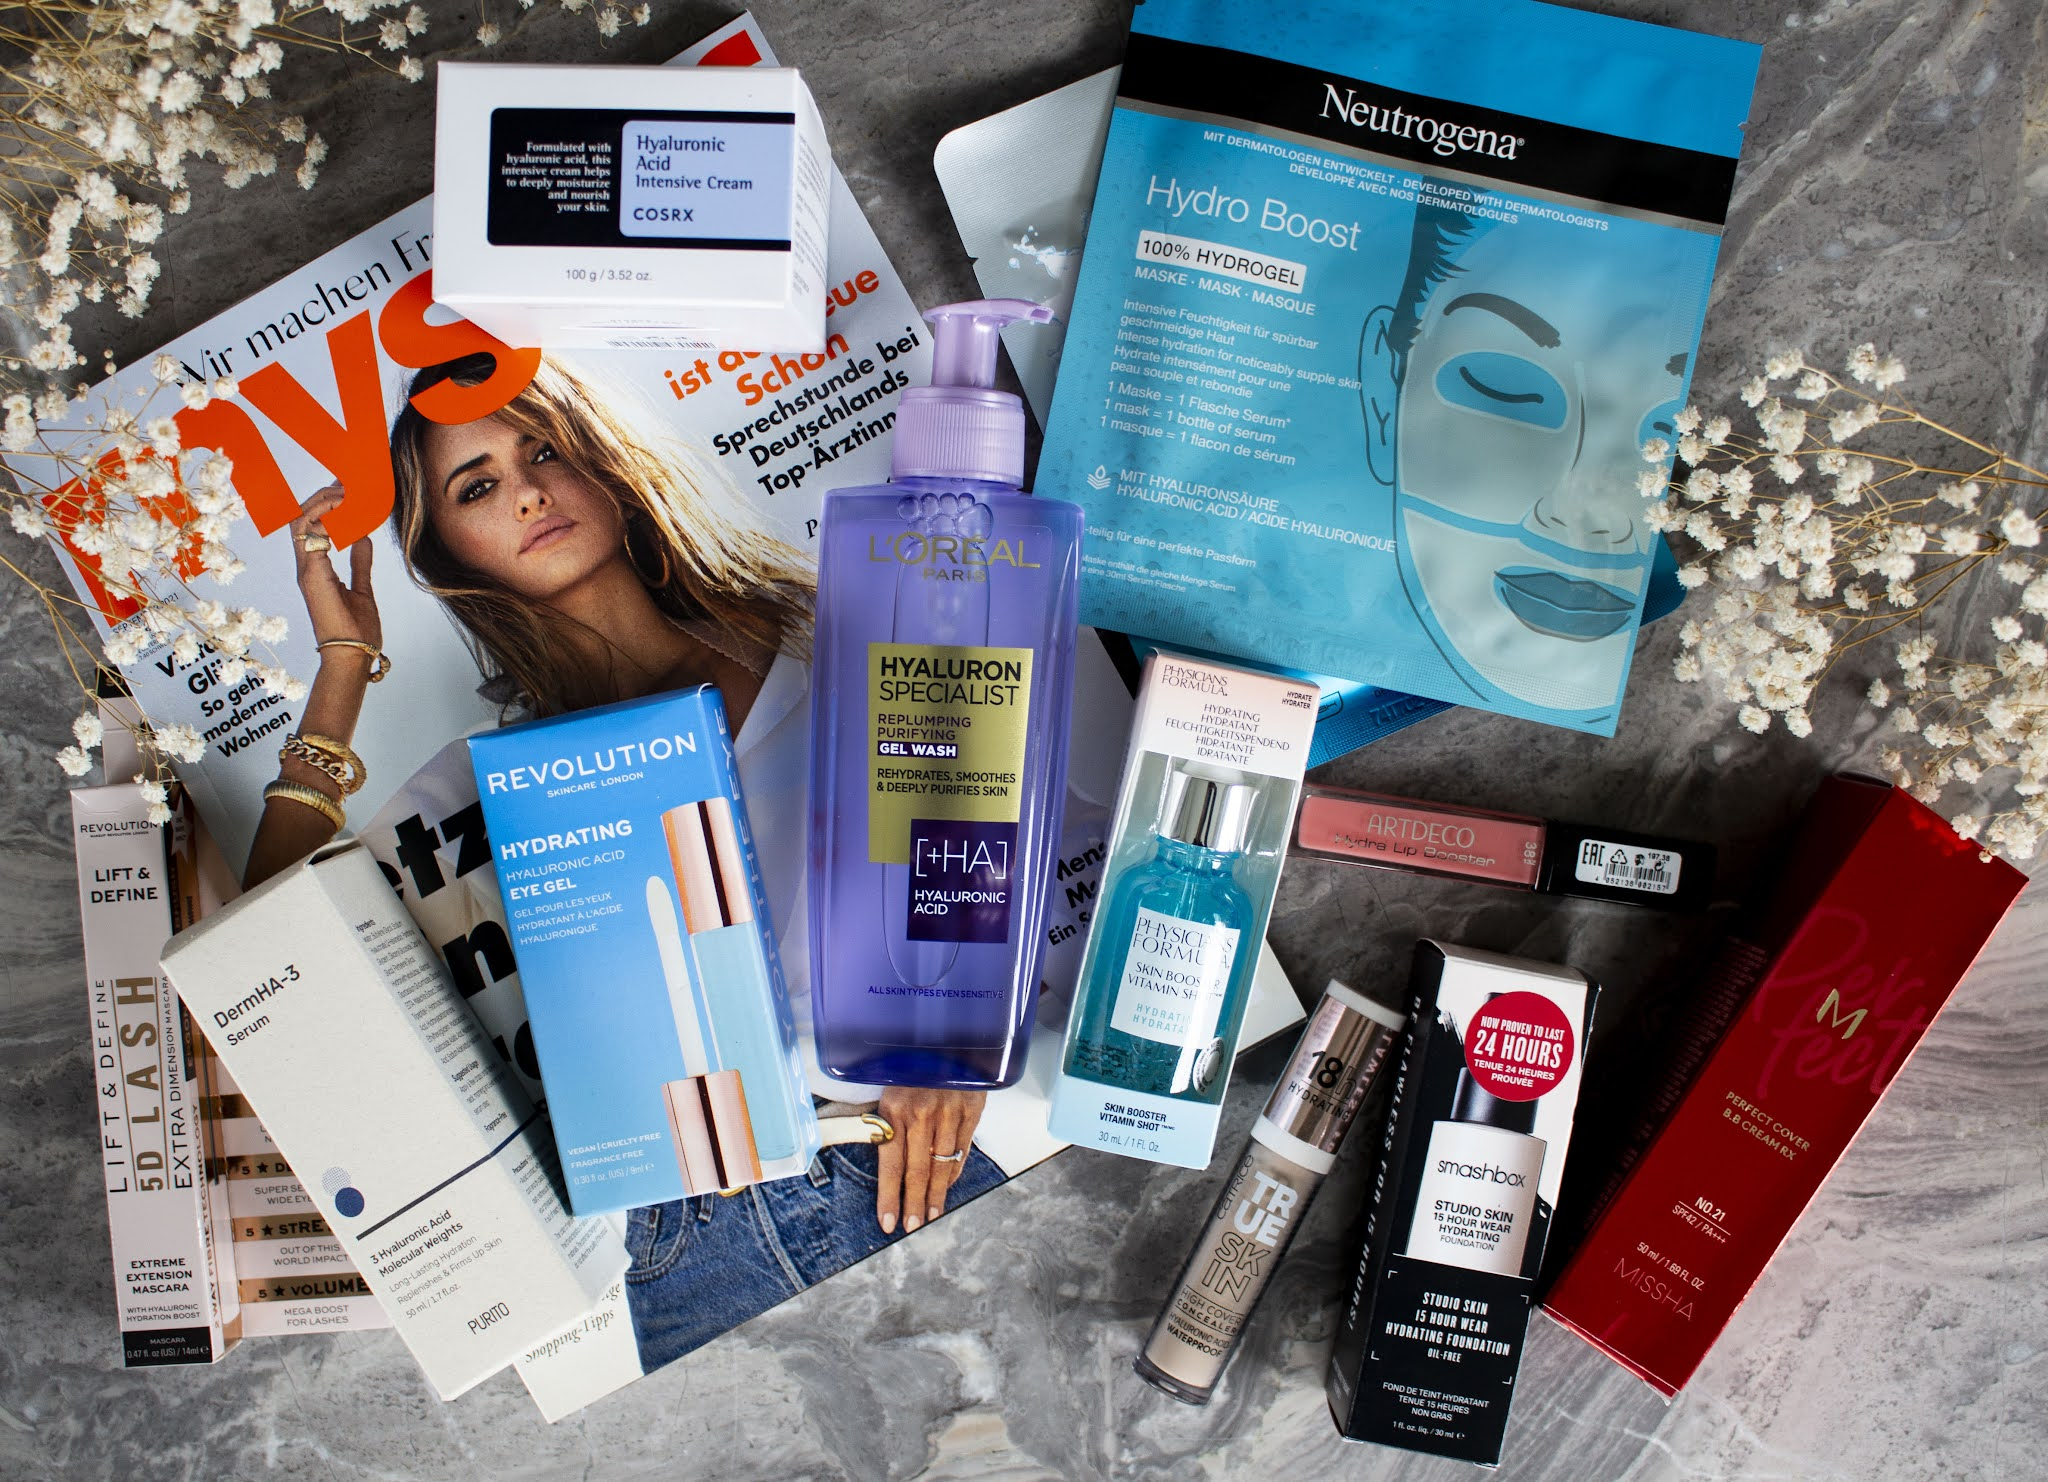 notino-kosmetik-mit-hyaluronsäure-empfehlungen